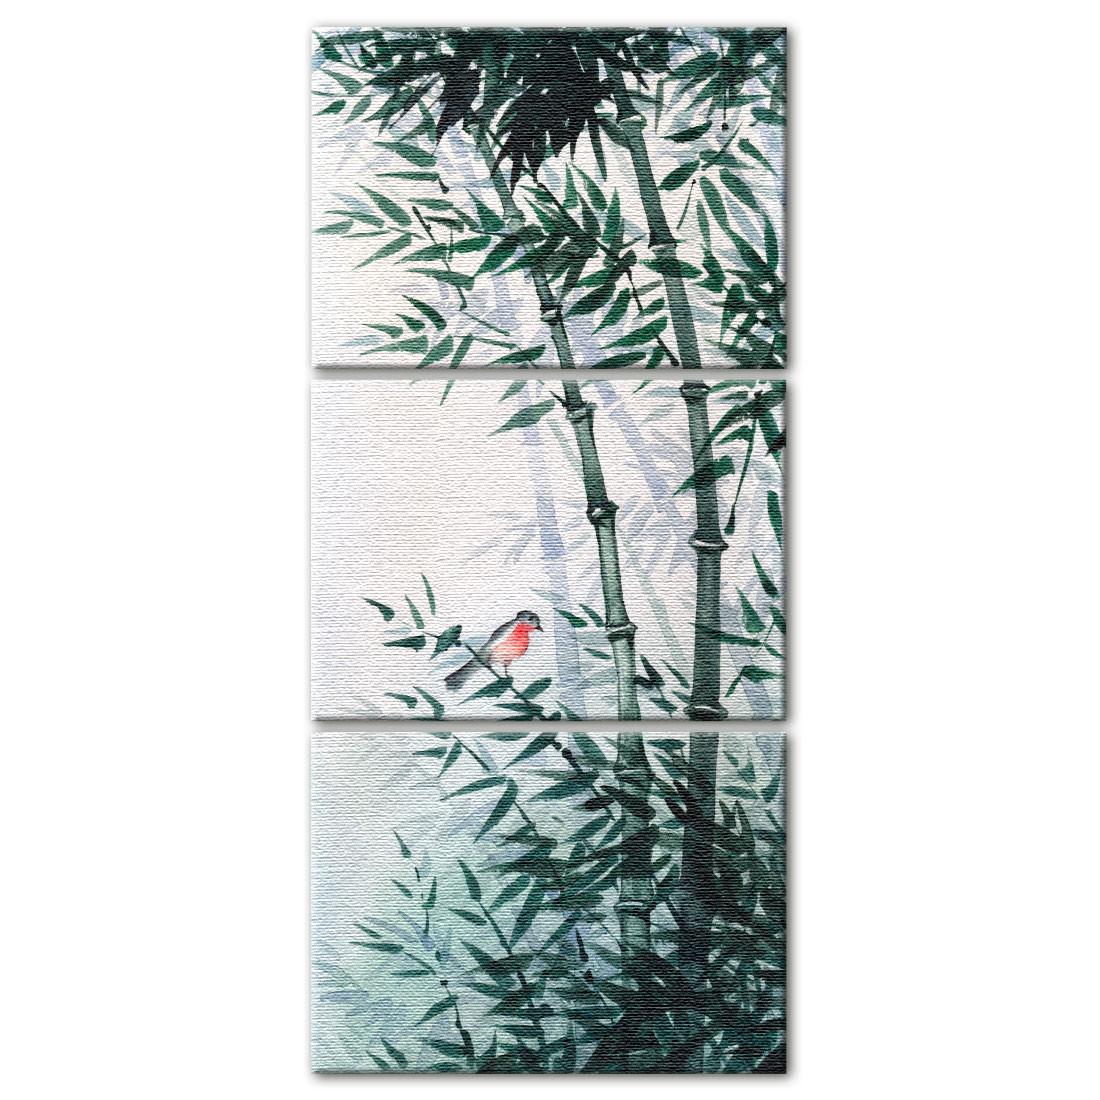 Conjunto de Quadros Decorativo Bambus e Pássaro